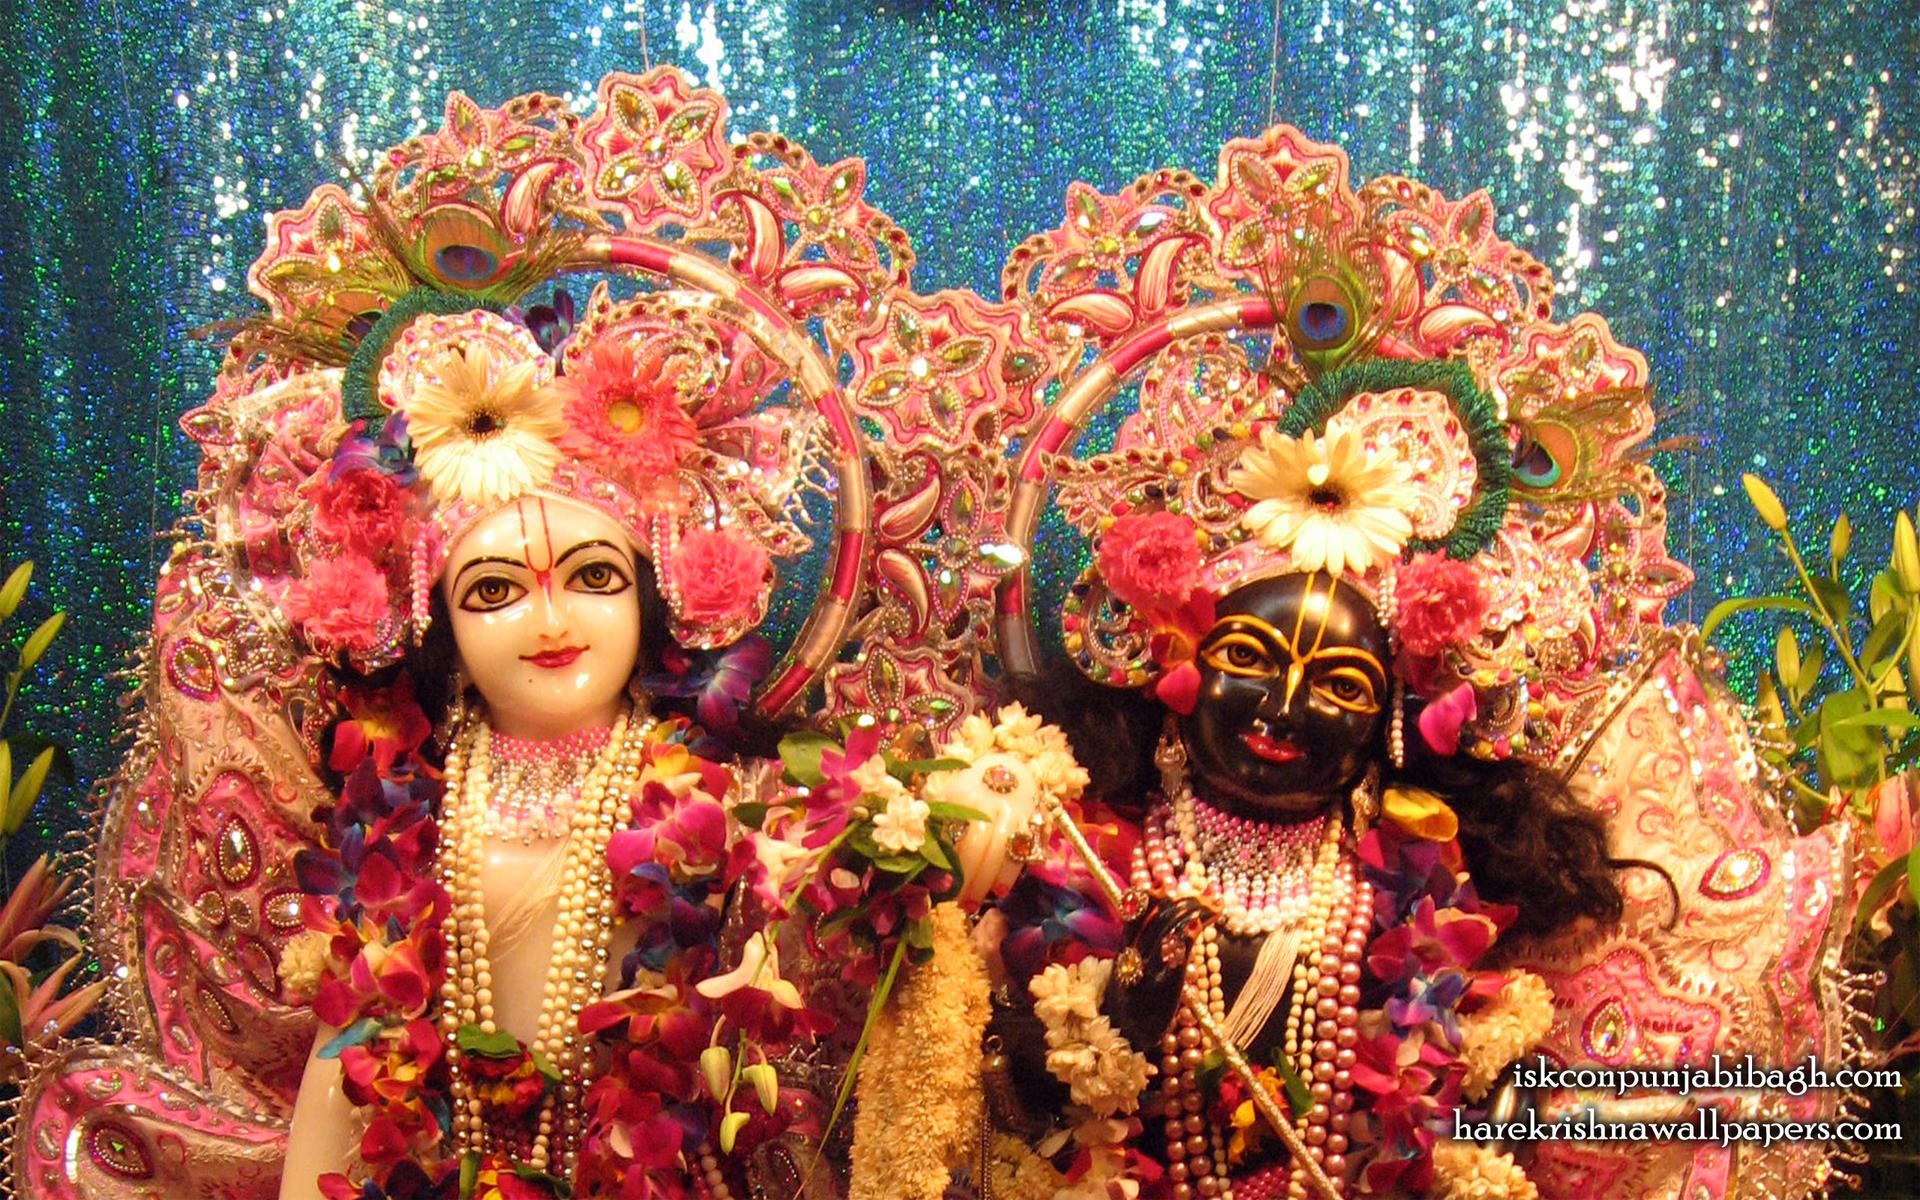 Sri Sri Krishna Balaram Close up Wallpaper (001) Size 1920x1200 Download